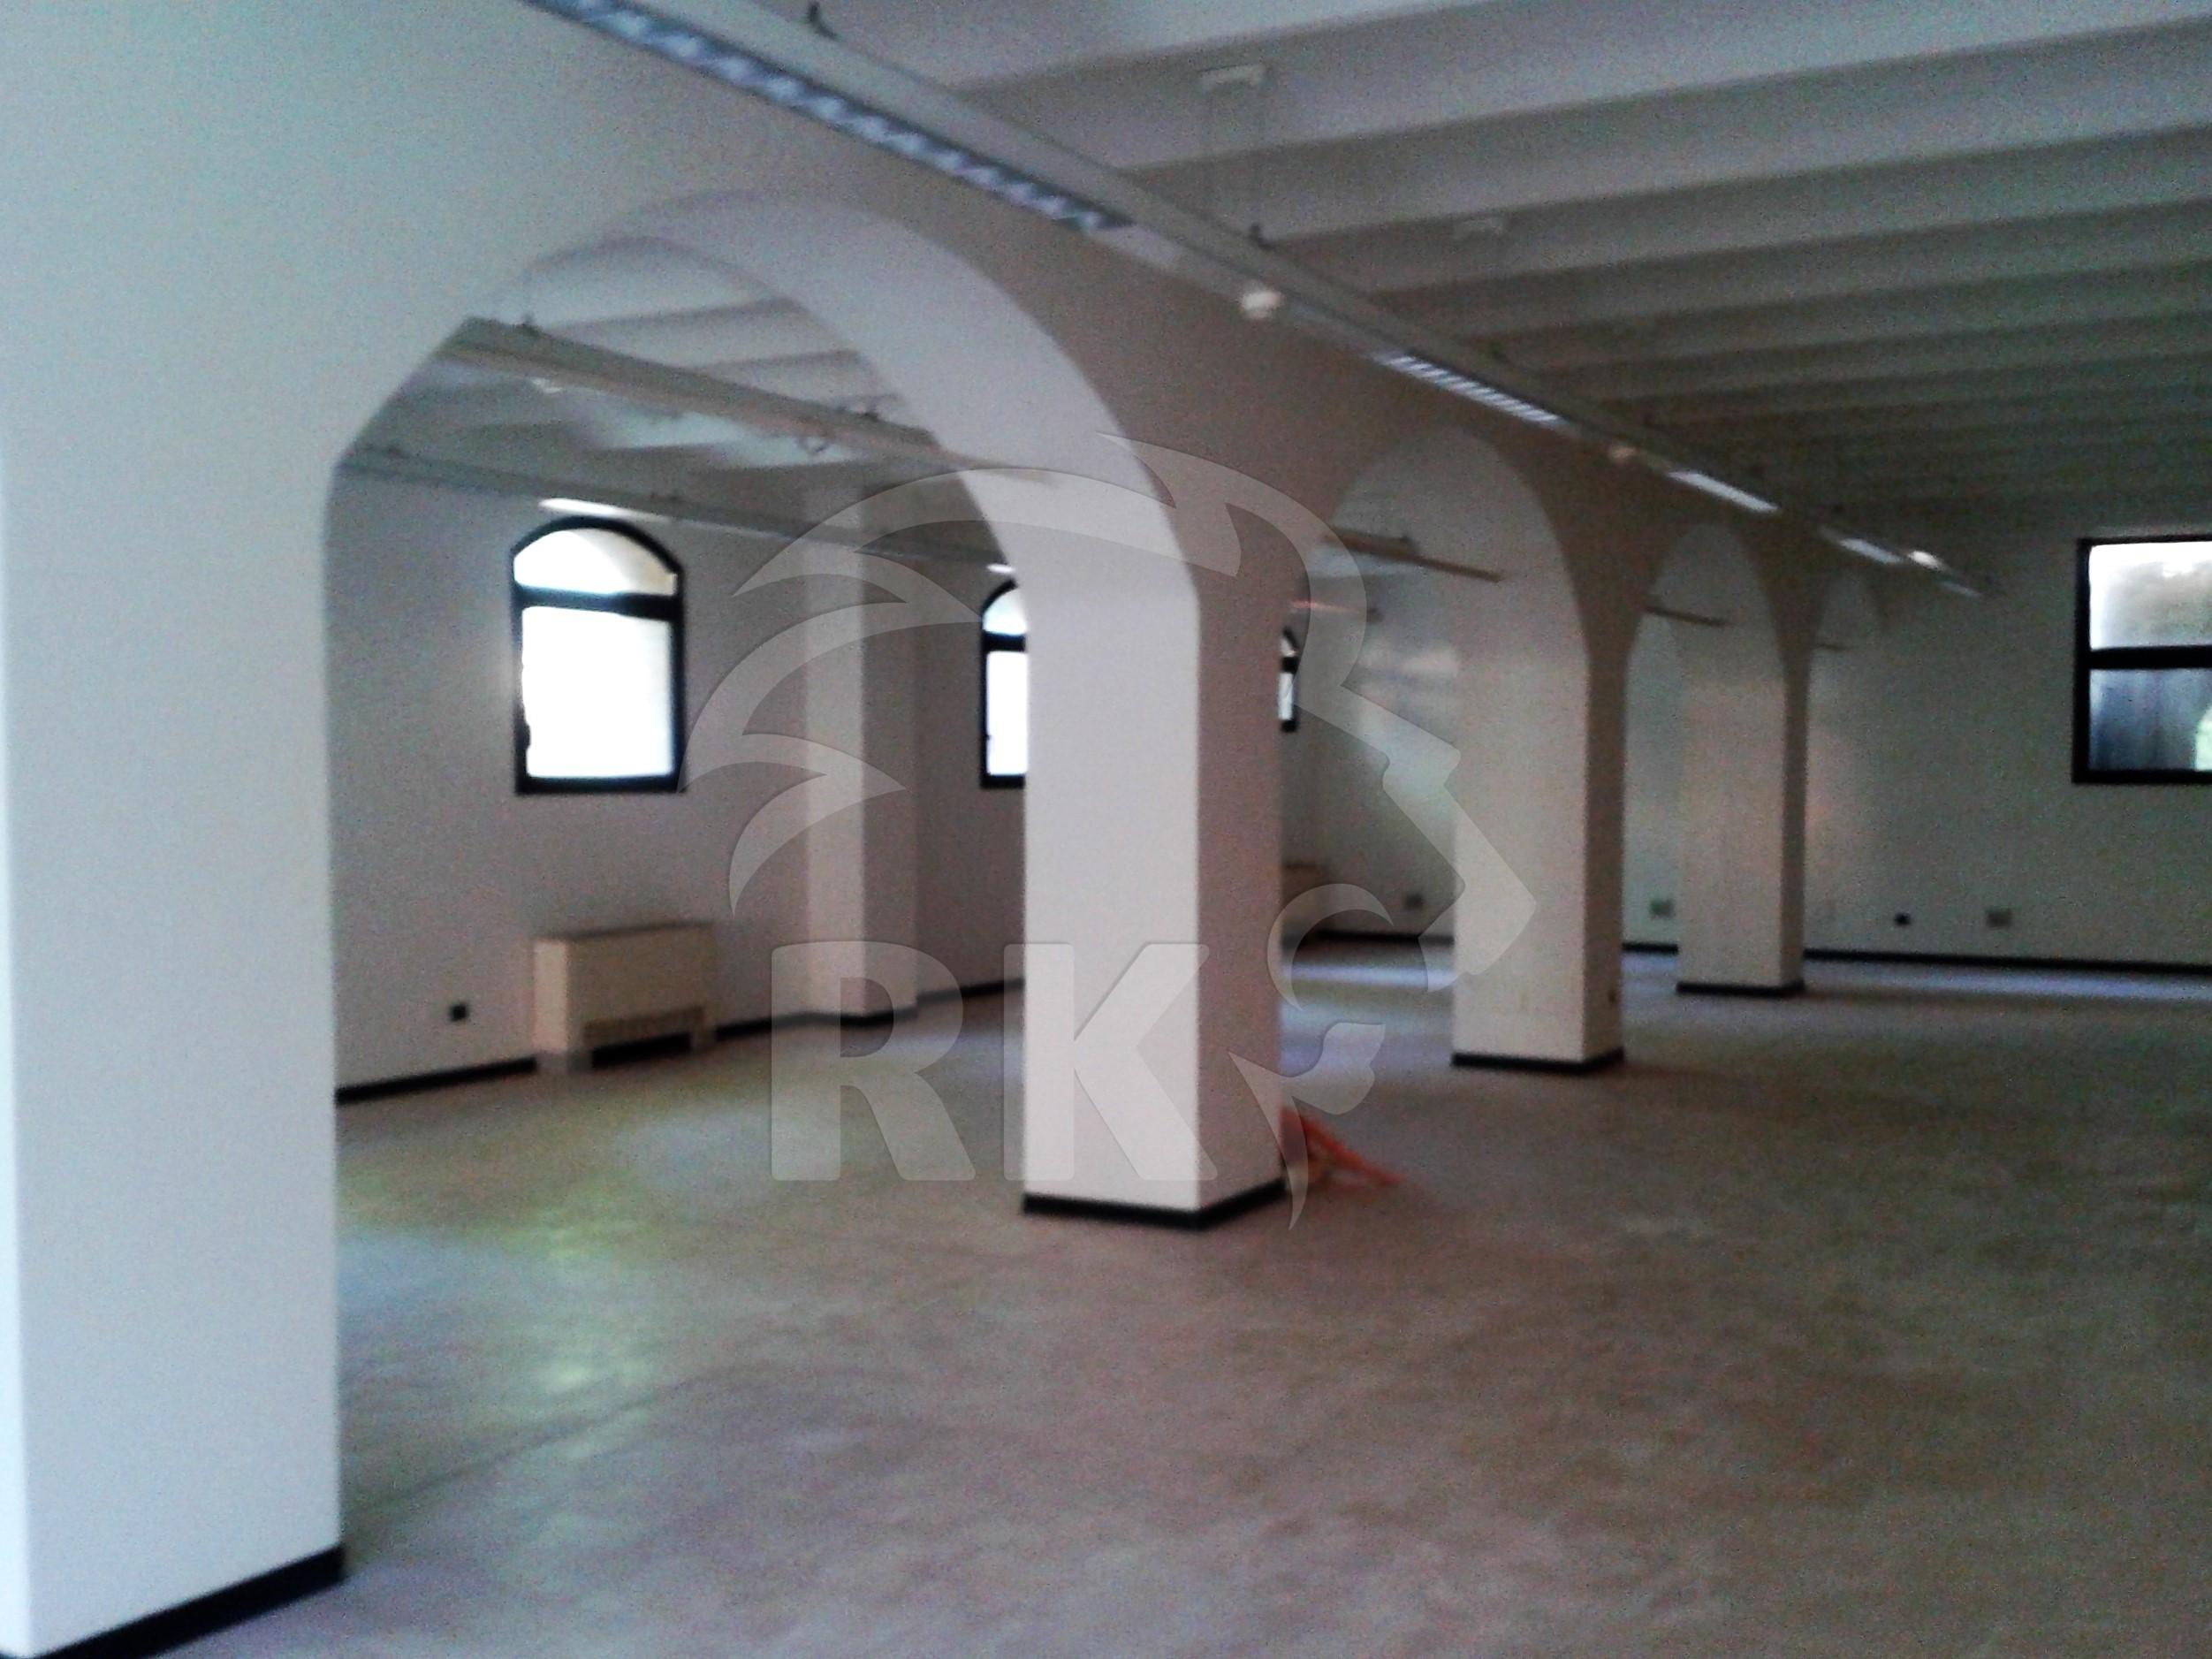 Ufficio Open Space Bologna : Ufficio ufficio operativo in affitto bologna saffi porta san